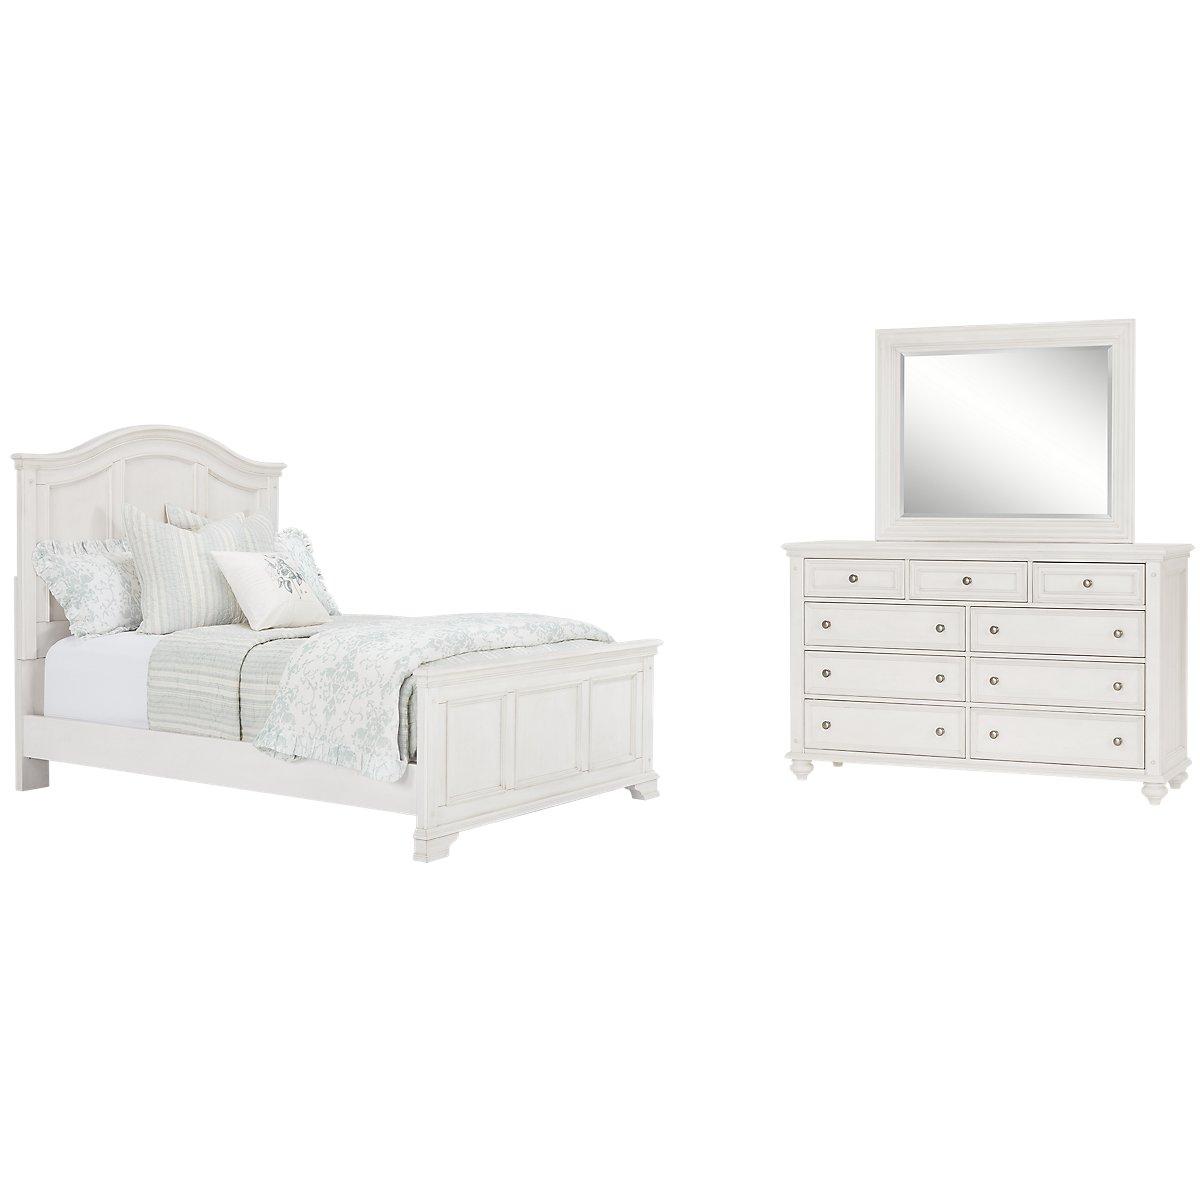 Savannah Bedroom Furniture City Furniture Savannah Ivory Panel Bedroom